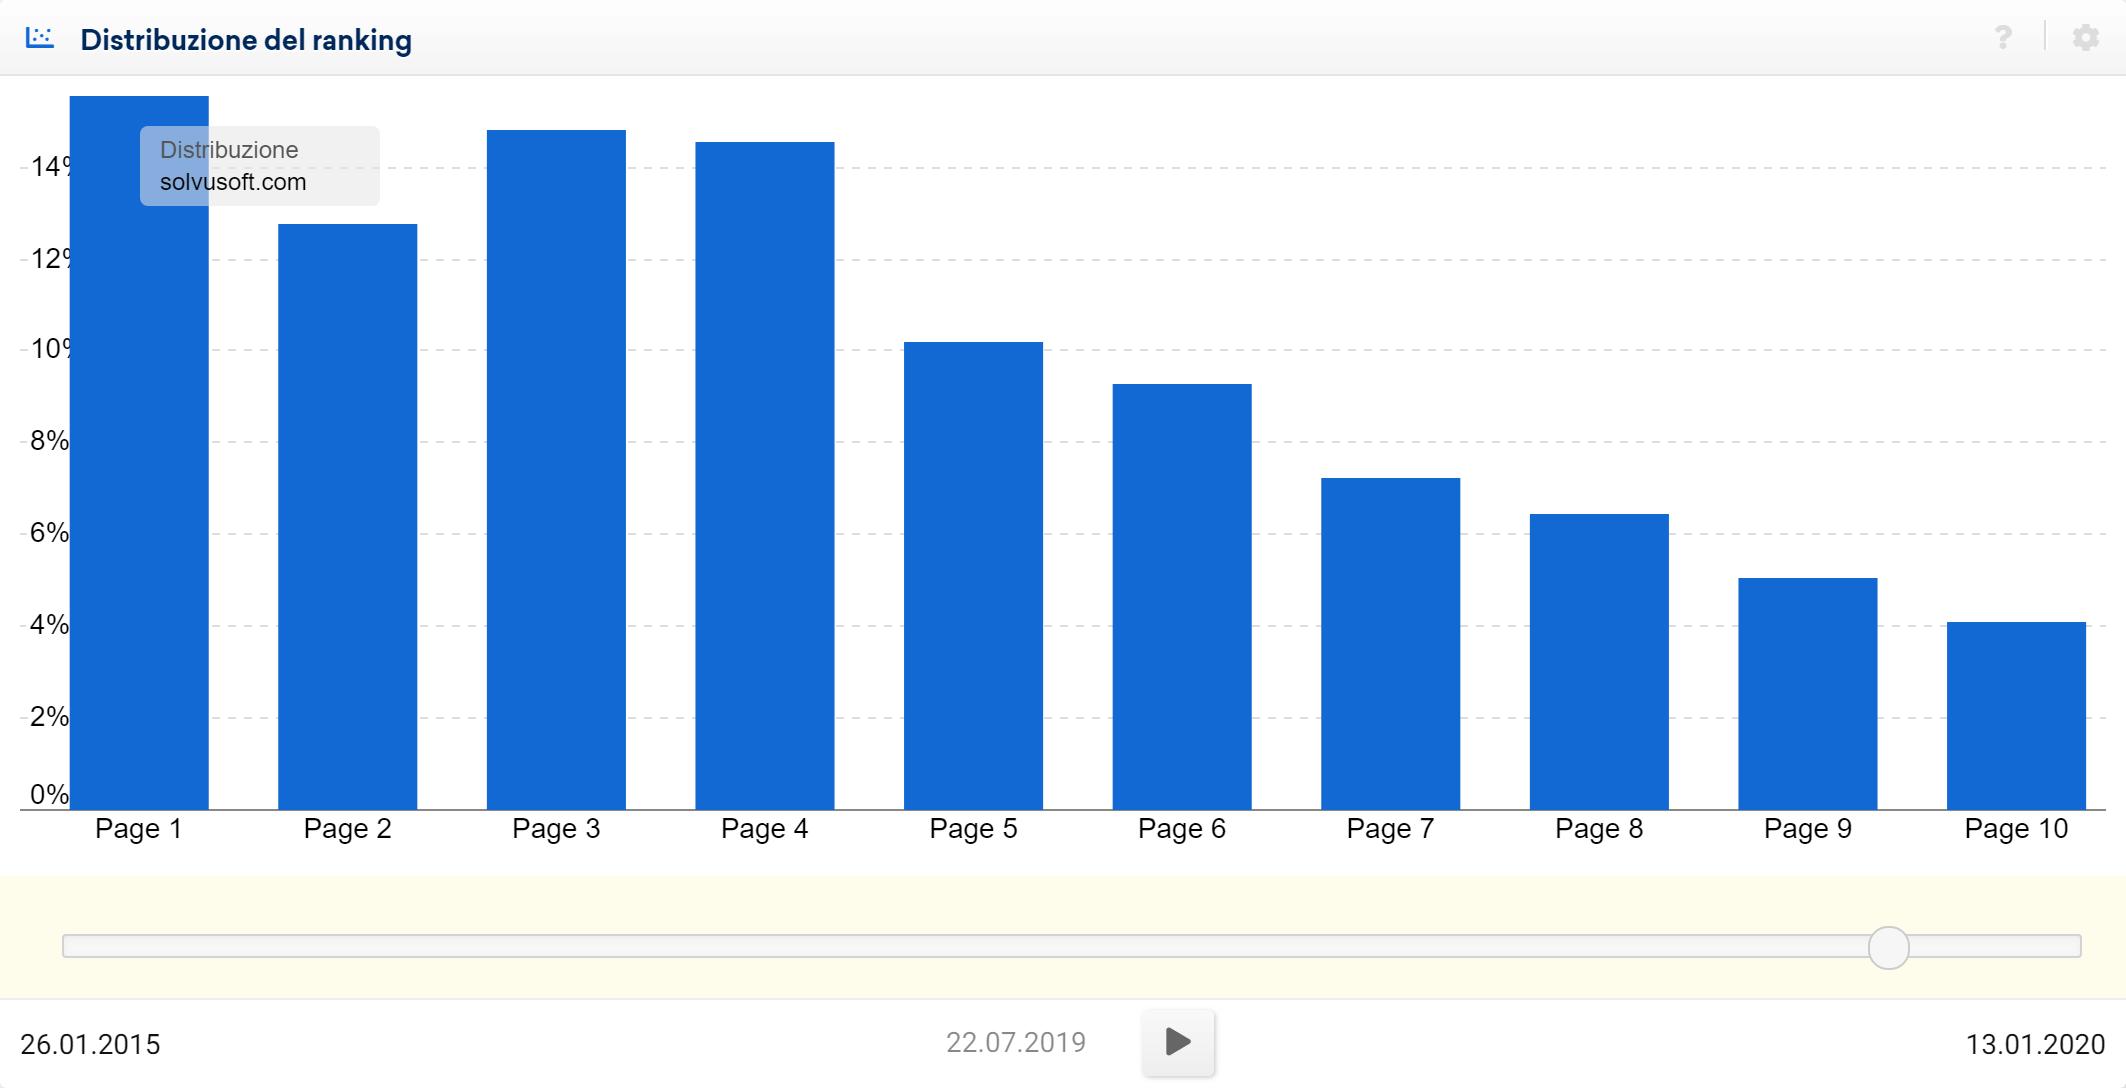 Toolbox SISTRIX: quantità di keyword posizionate nelle pagine di Google per il dominio solvusoft.com (data 22/07/2019)